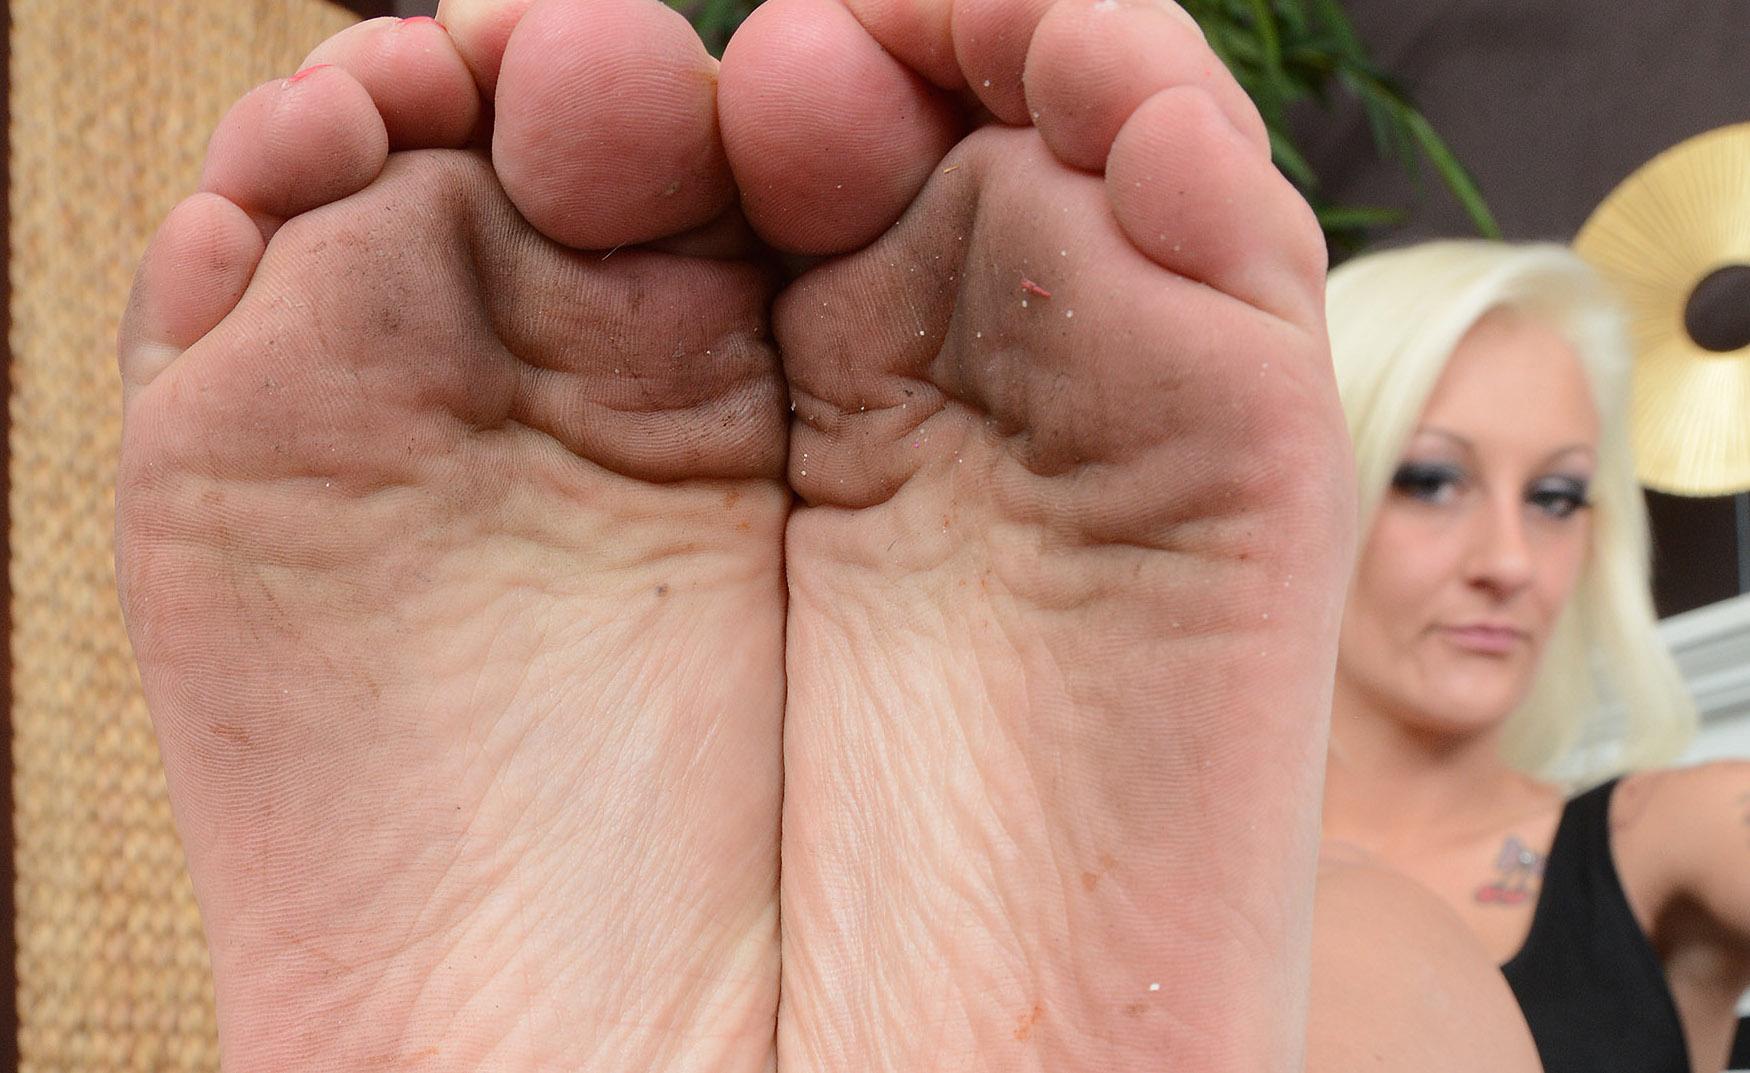 Dreckige Füße in deinem Gesicht